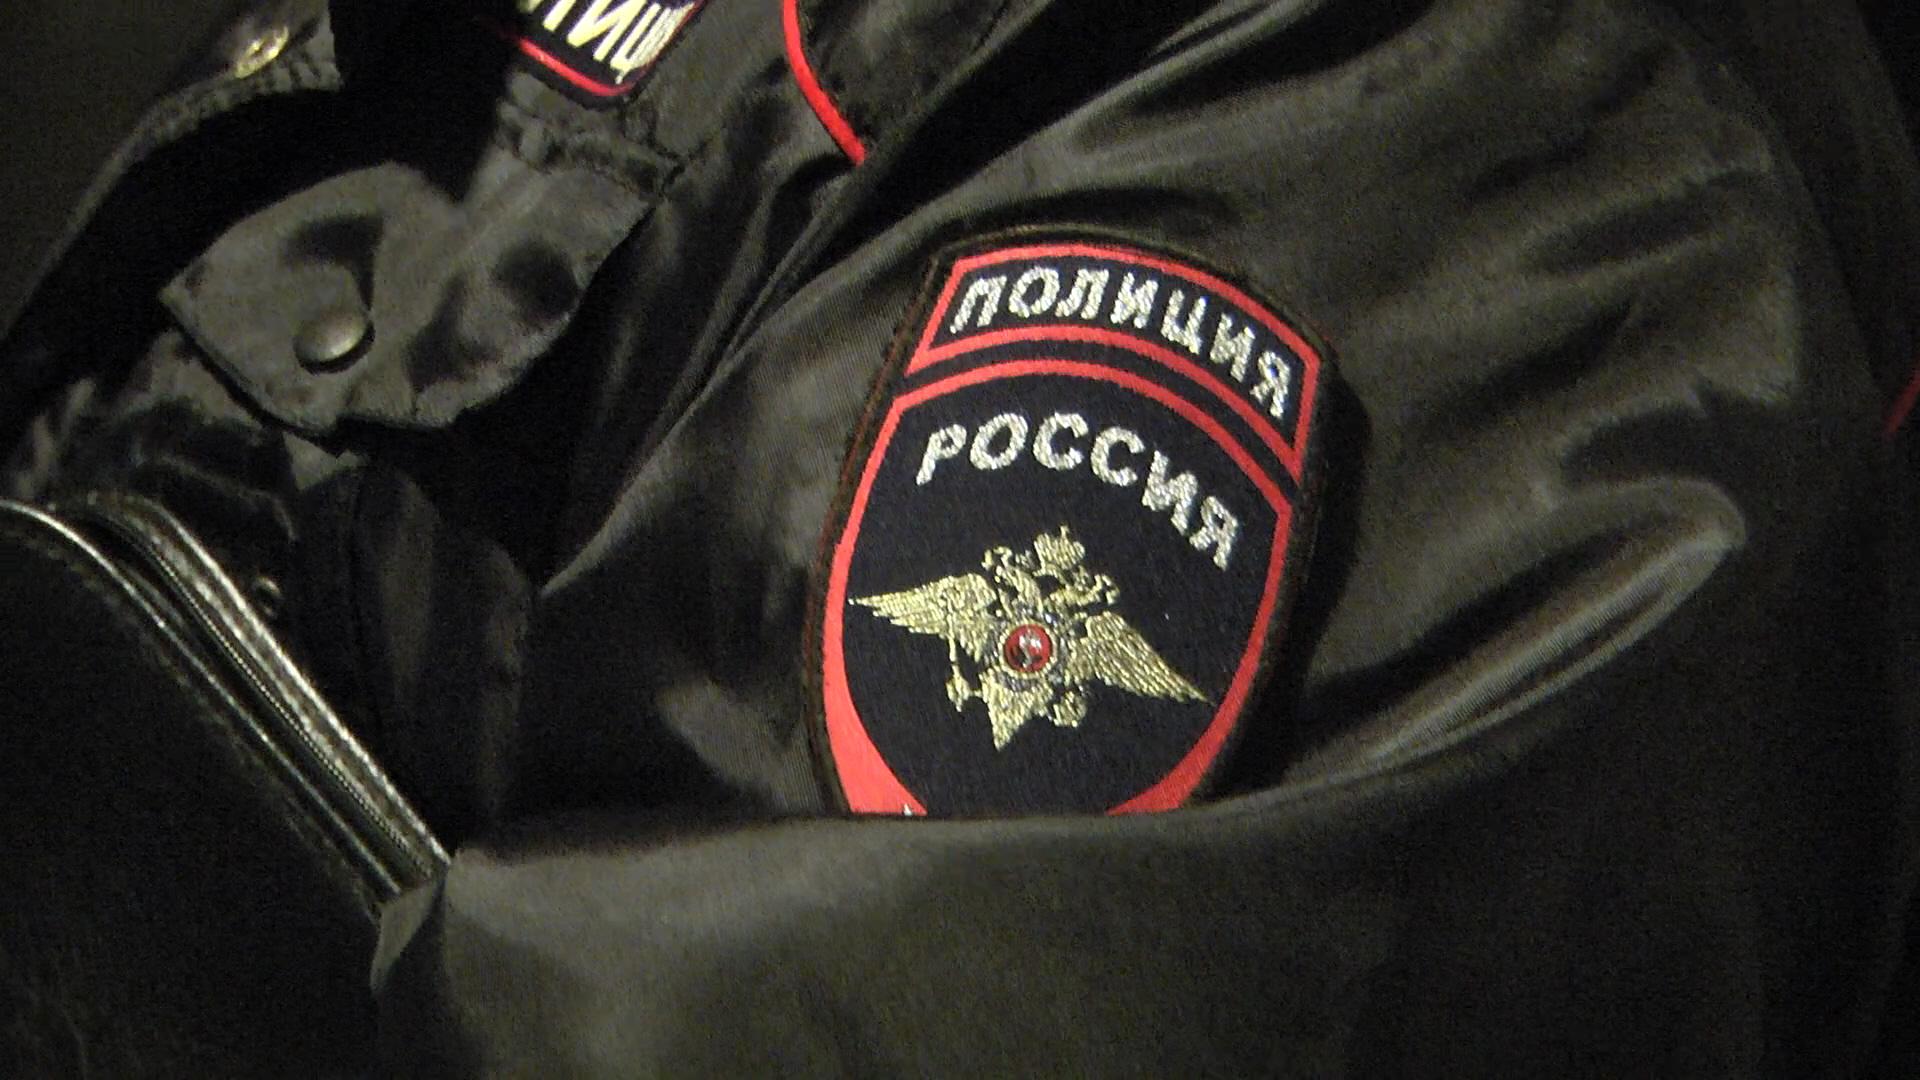 Дзень расейскай паліцыі адзначыла і кіраўніцтва магілёўскай міліцыі